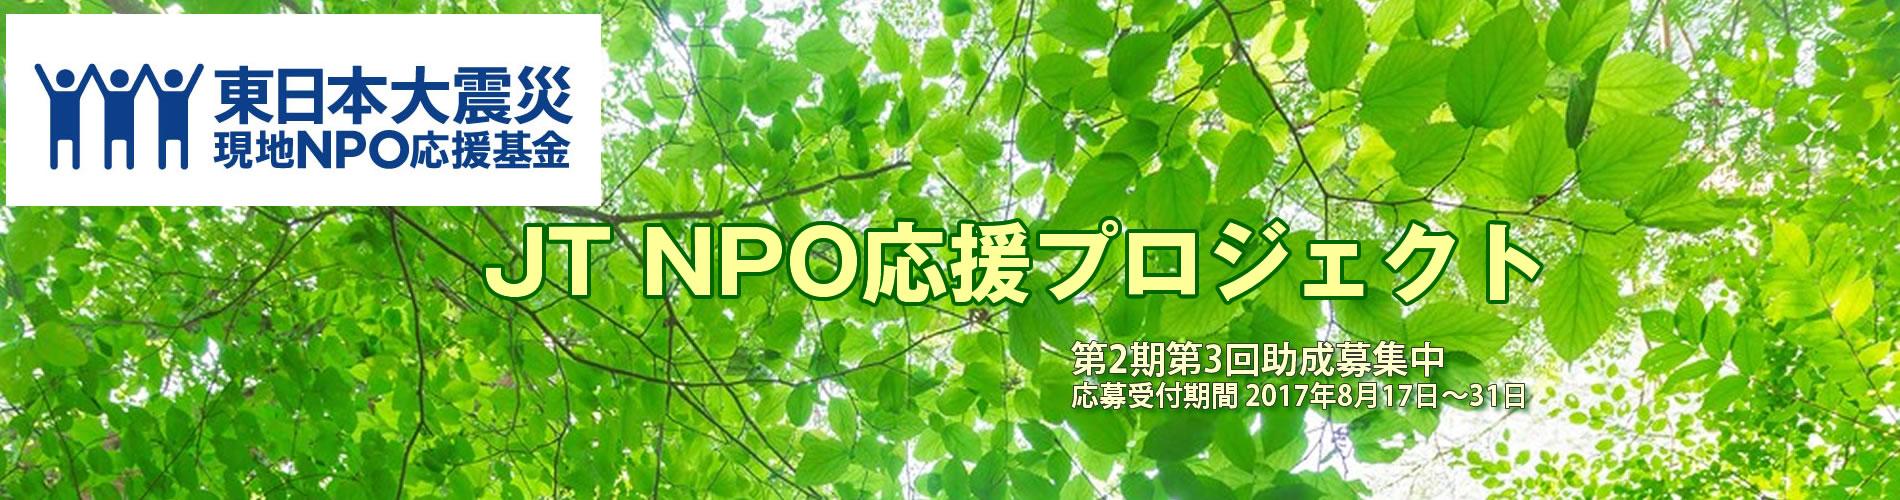 JT NPO応援プロジェクト